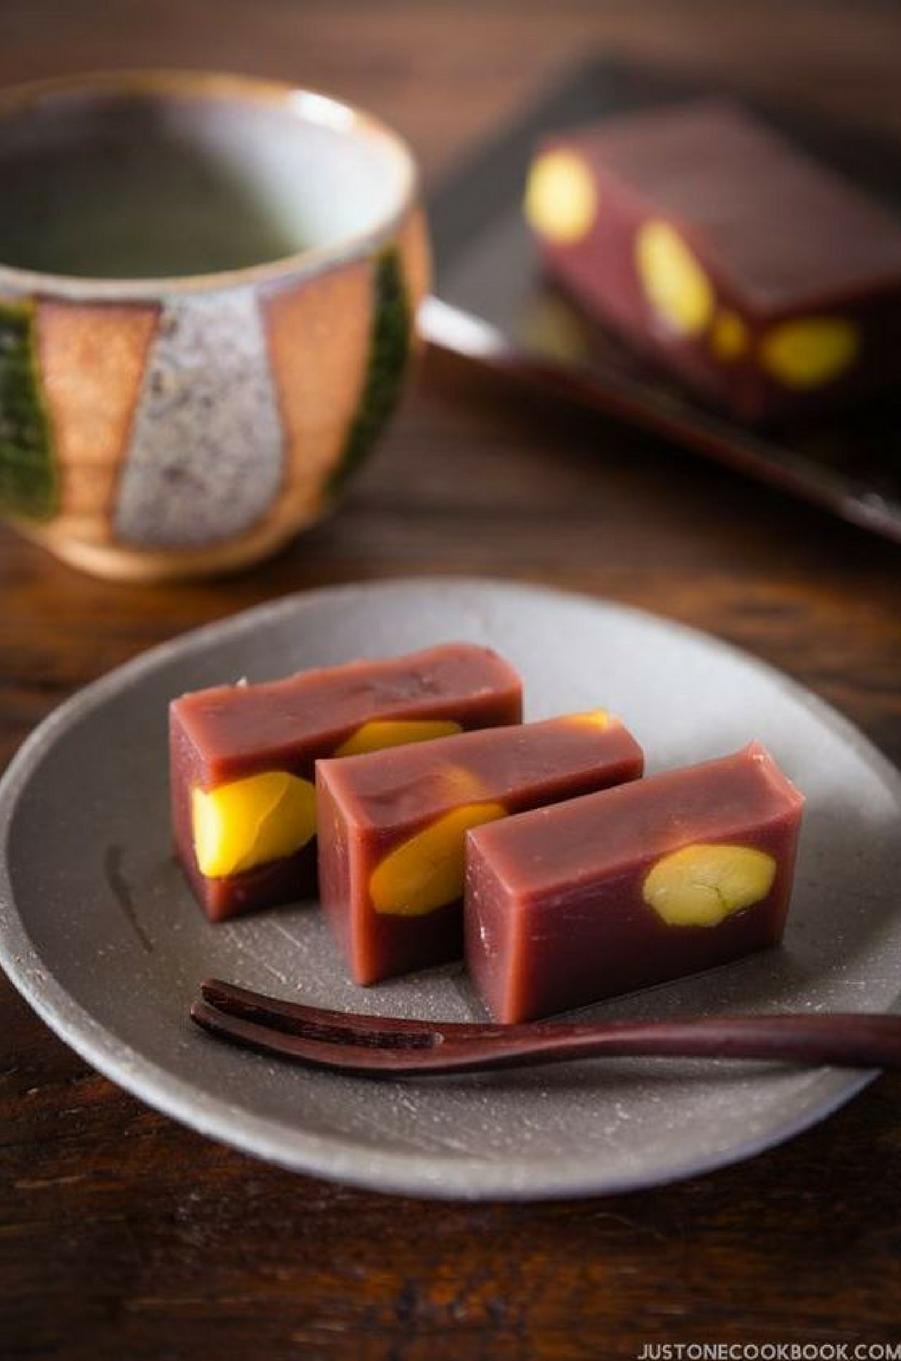 Leyōkan, pâtisserie sucrée faite avec une pâte de haricot rouge du Japon gélifiéehttps://www.pinterest.fr/pin/565624034432590394/